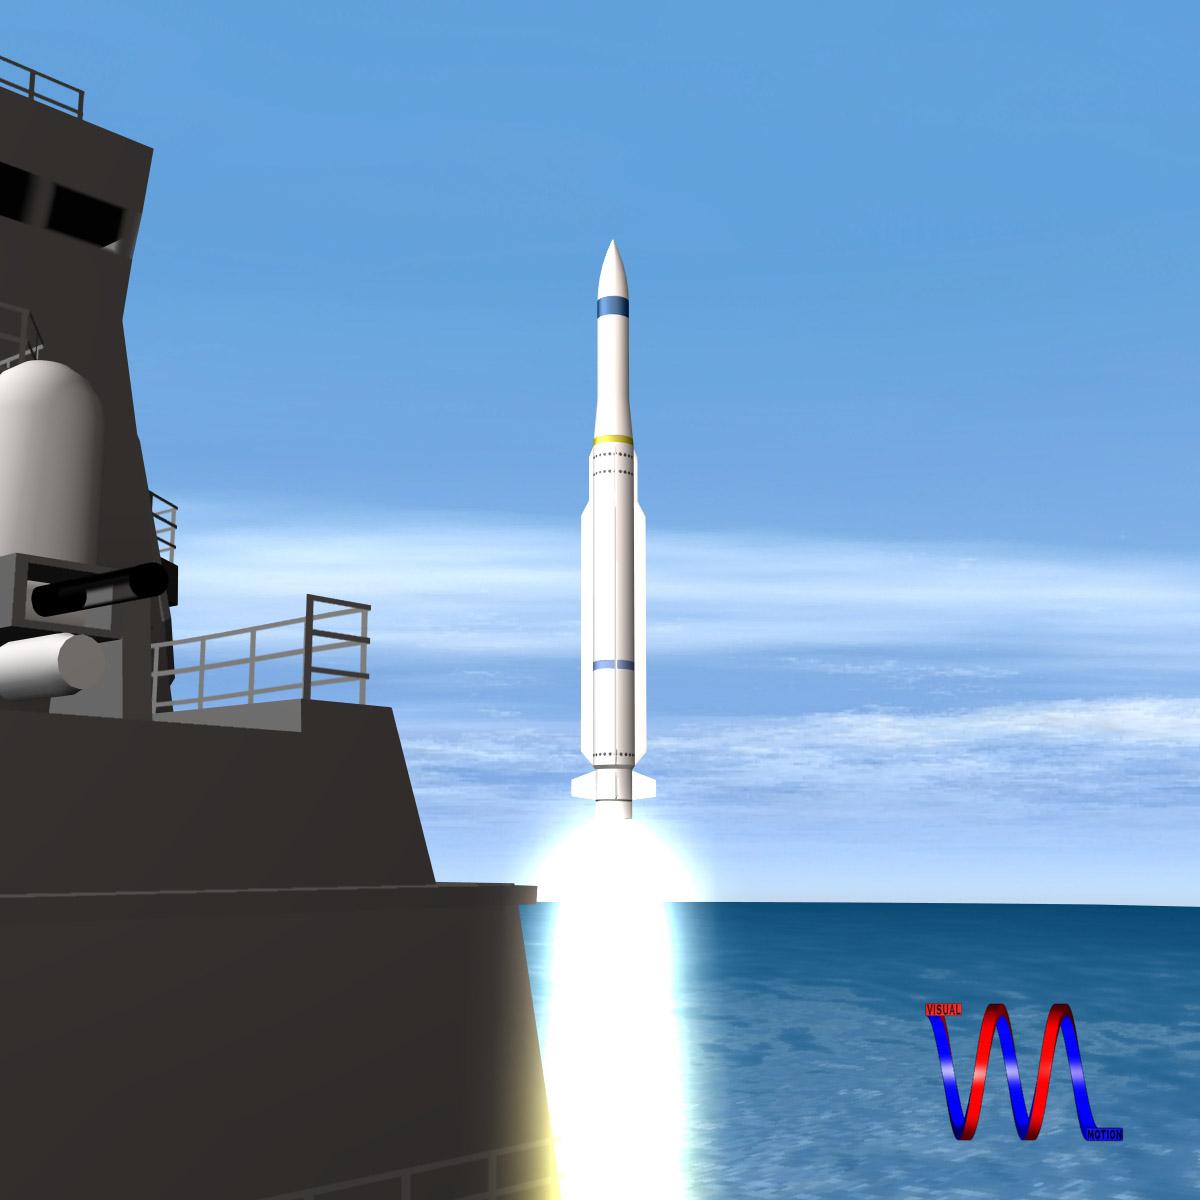 rim-162 essm missile 3d model 3ds dxf fbx blend cob dae x  obj 166018